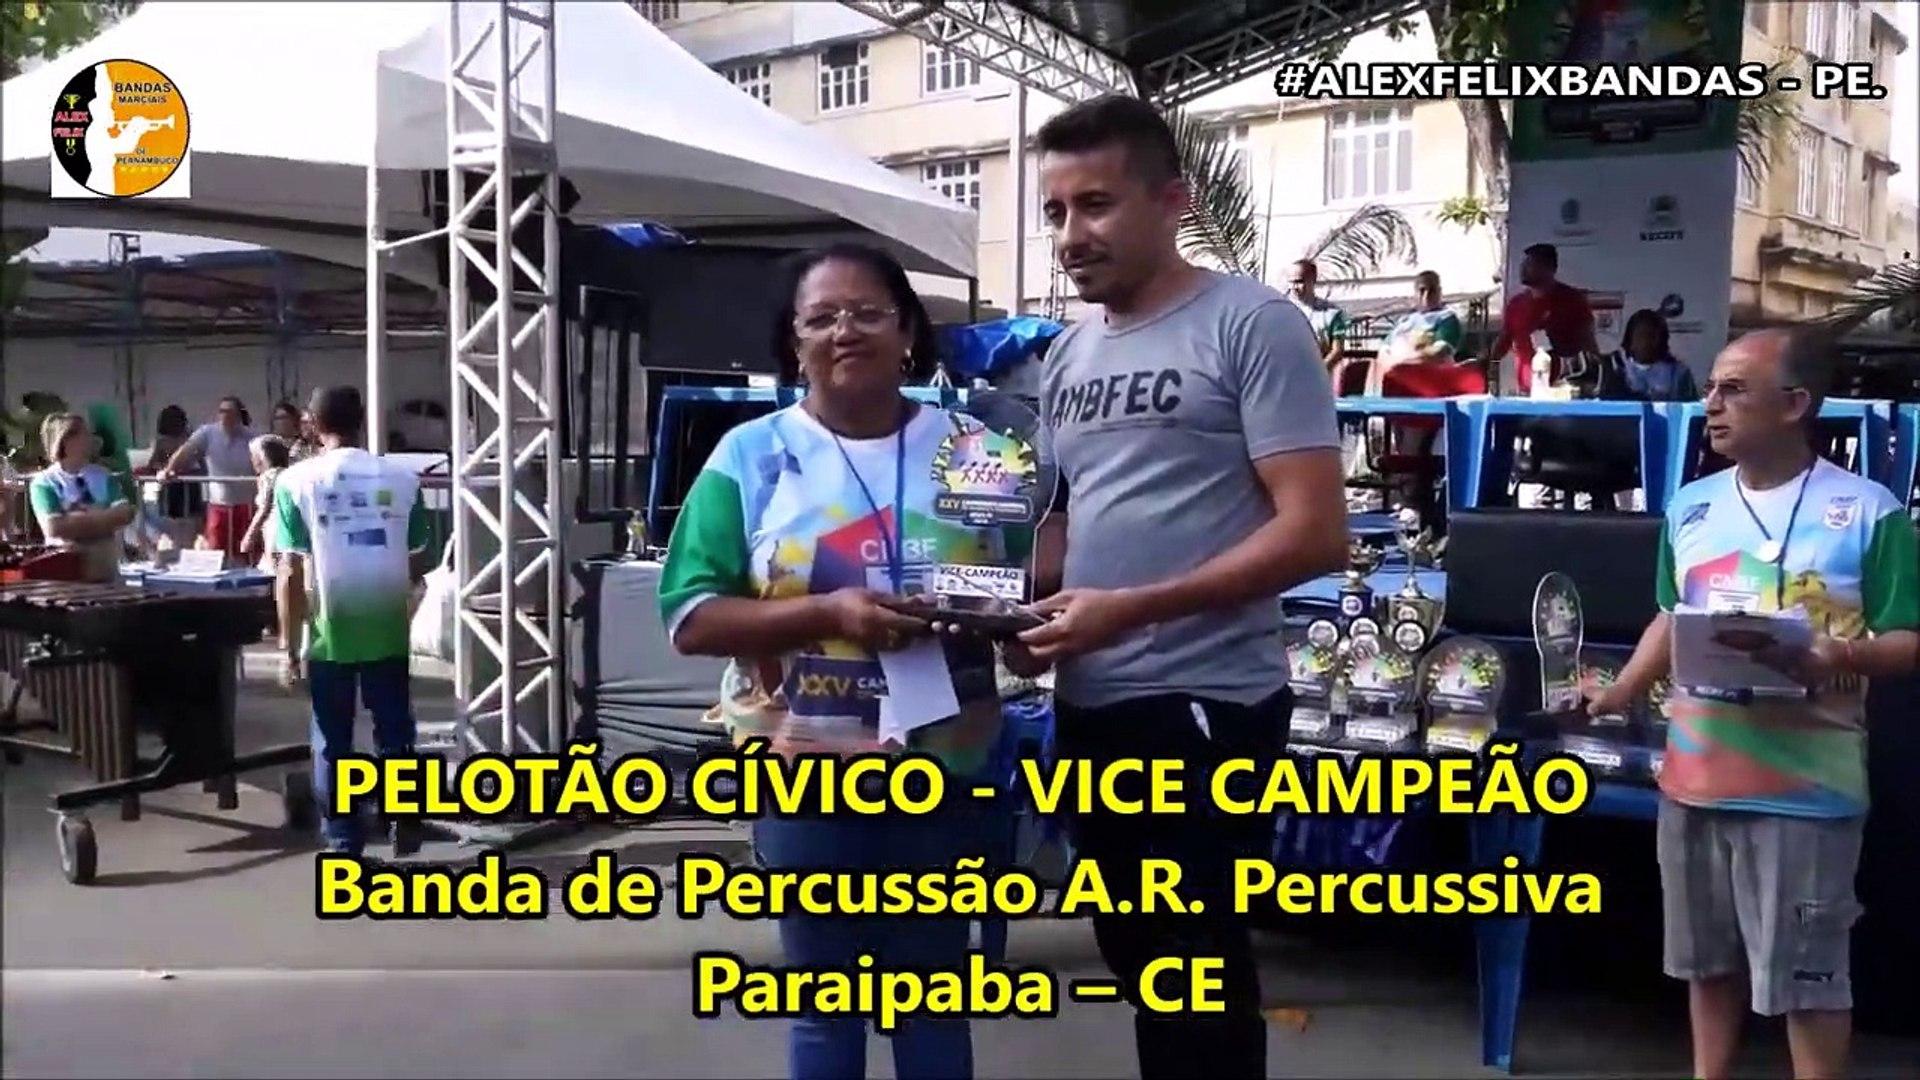 RESULTADO BANDA DE PERCUSSÃO SÊNIOR 2018 - XXV CAMPEONATO NACIONAL DE BANDAS E FANFARRAS